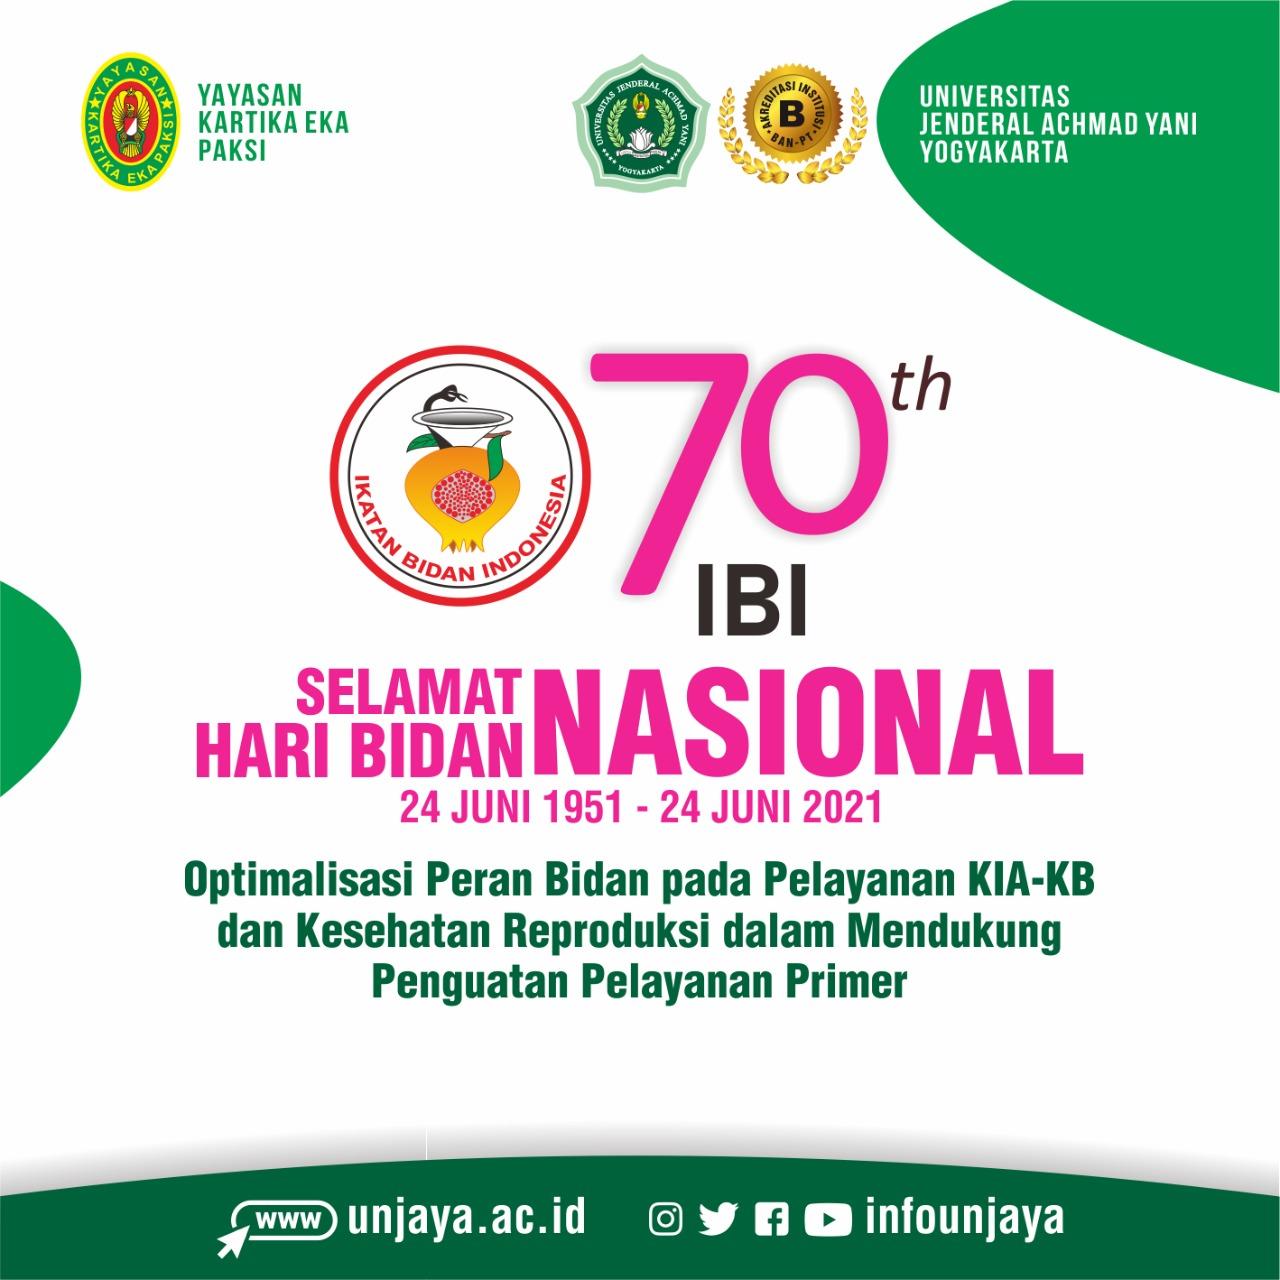 Selamat Hari Bidan Nasional, 24 Juni 2021